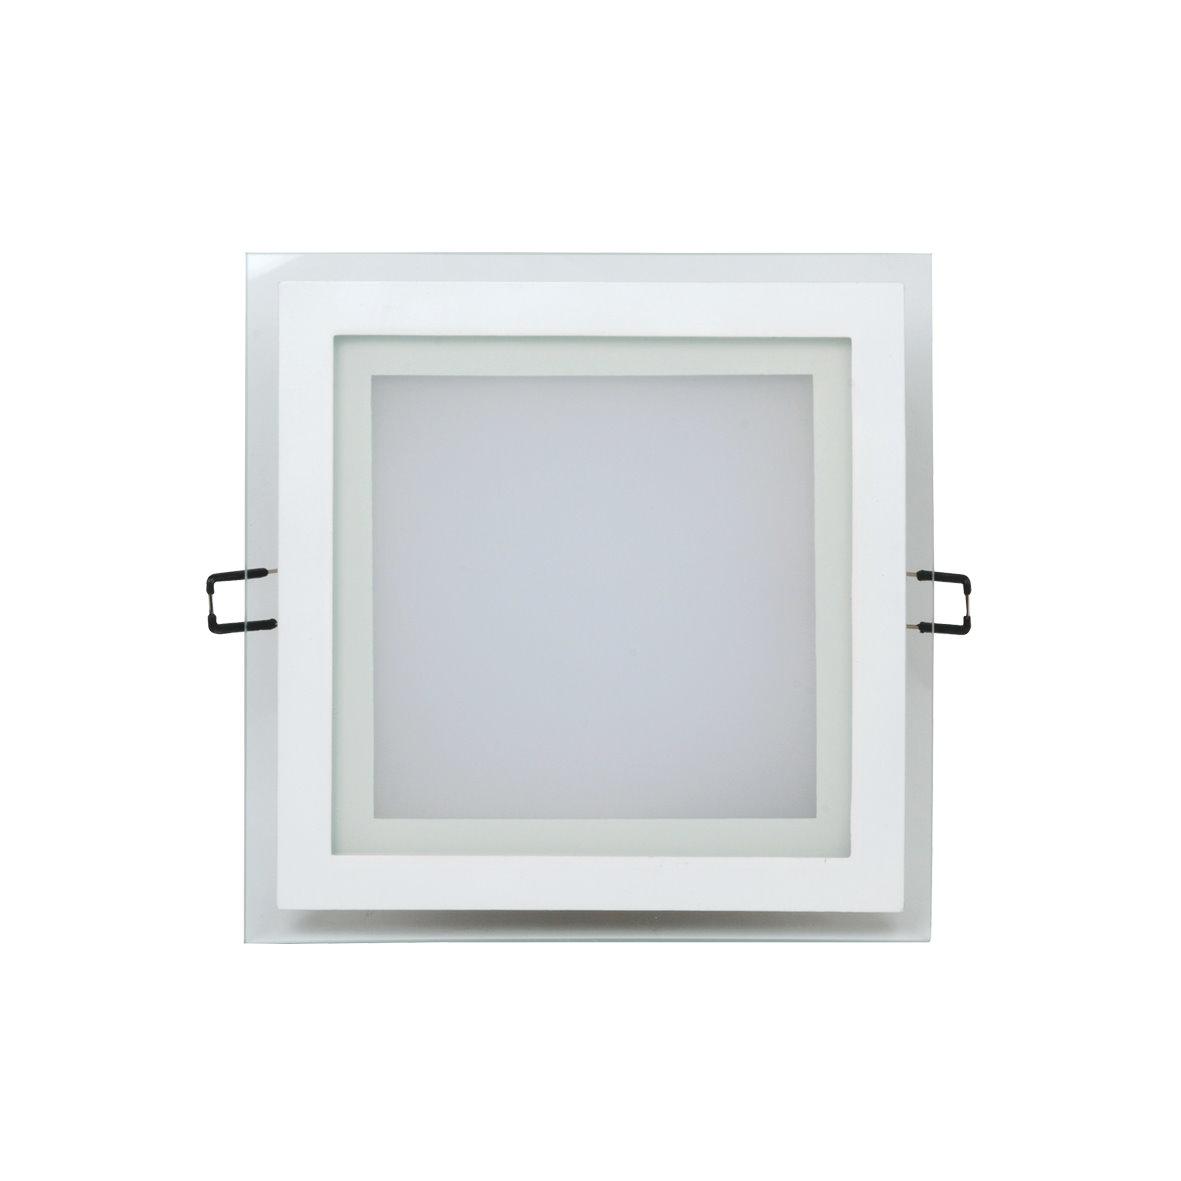 led einbaustrahler kristallglas panel leuchte trafo 230v 6w 15w bis 1200lm ebay. Black Bedroom Furniture Sets. Home Design Ideas